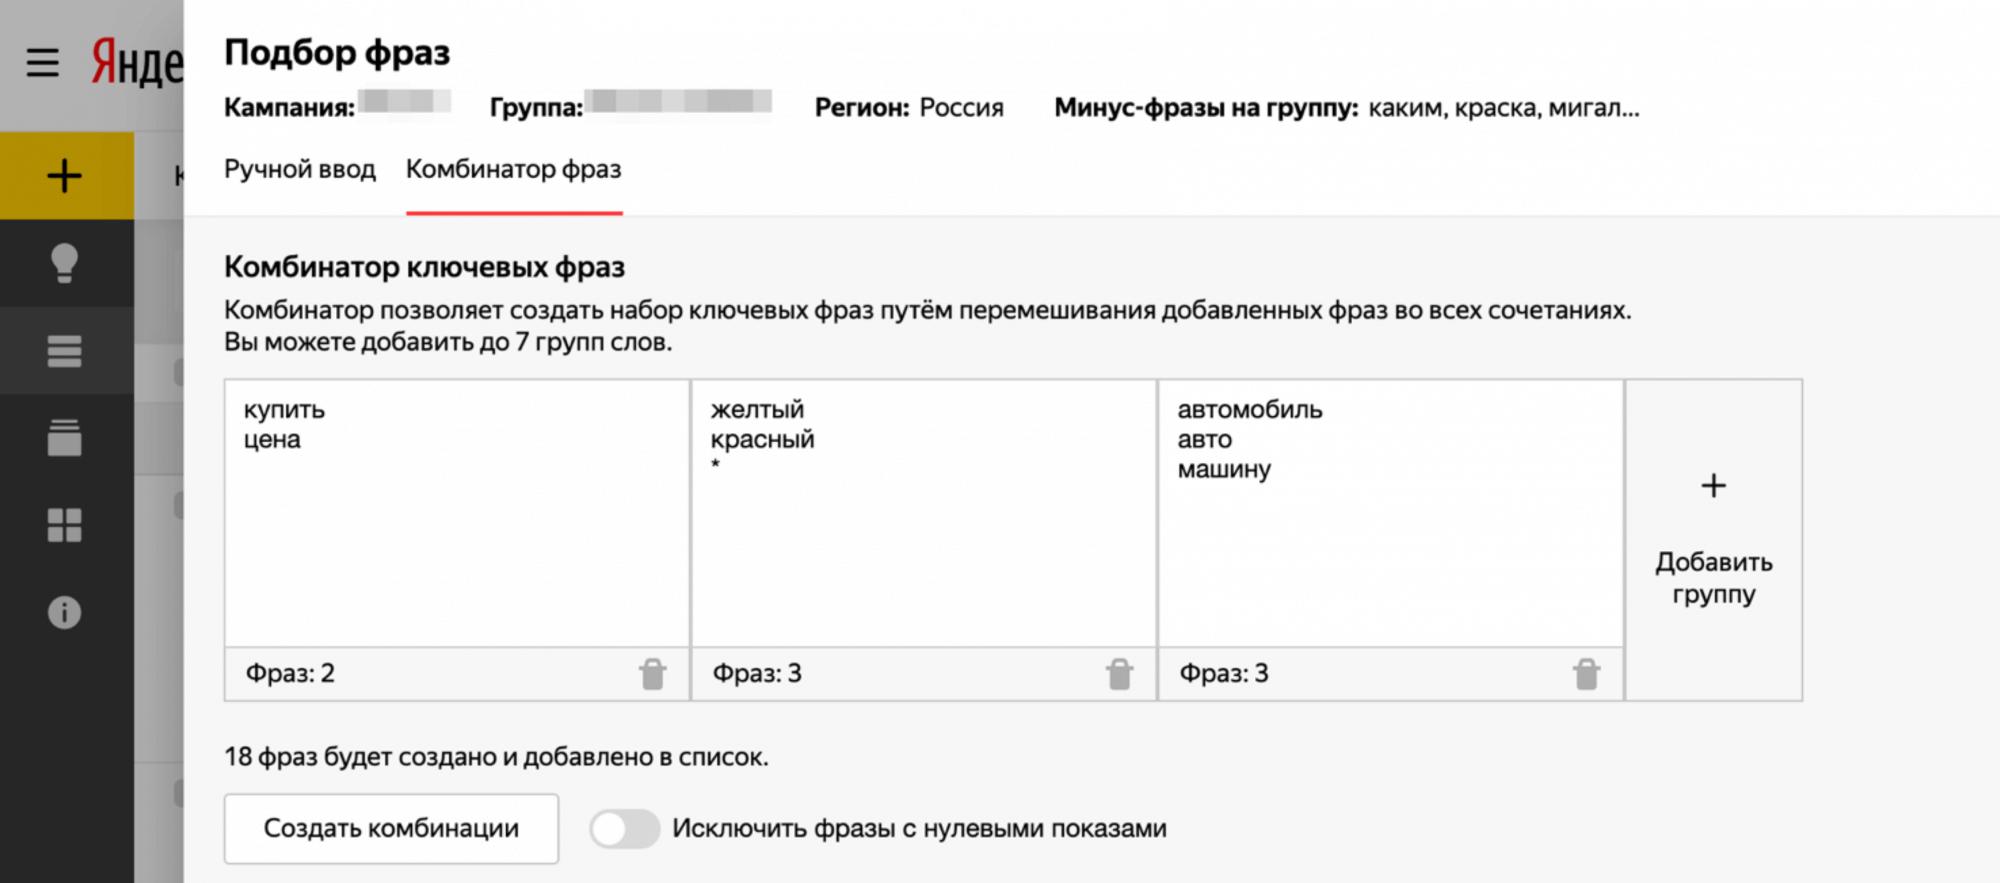 Яндекс.Директ представил новые возможности для работы с ключевиками